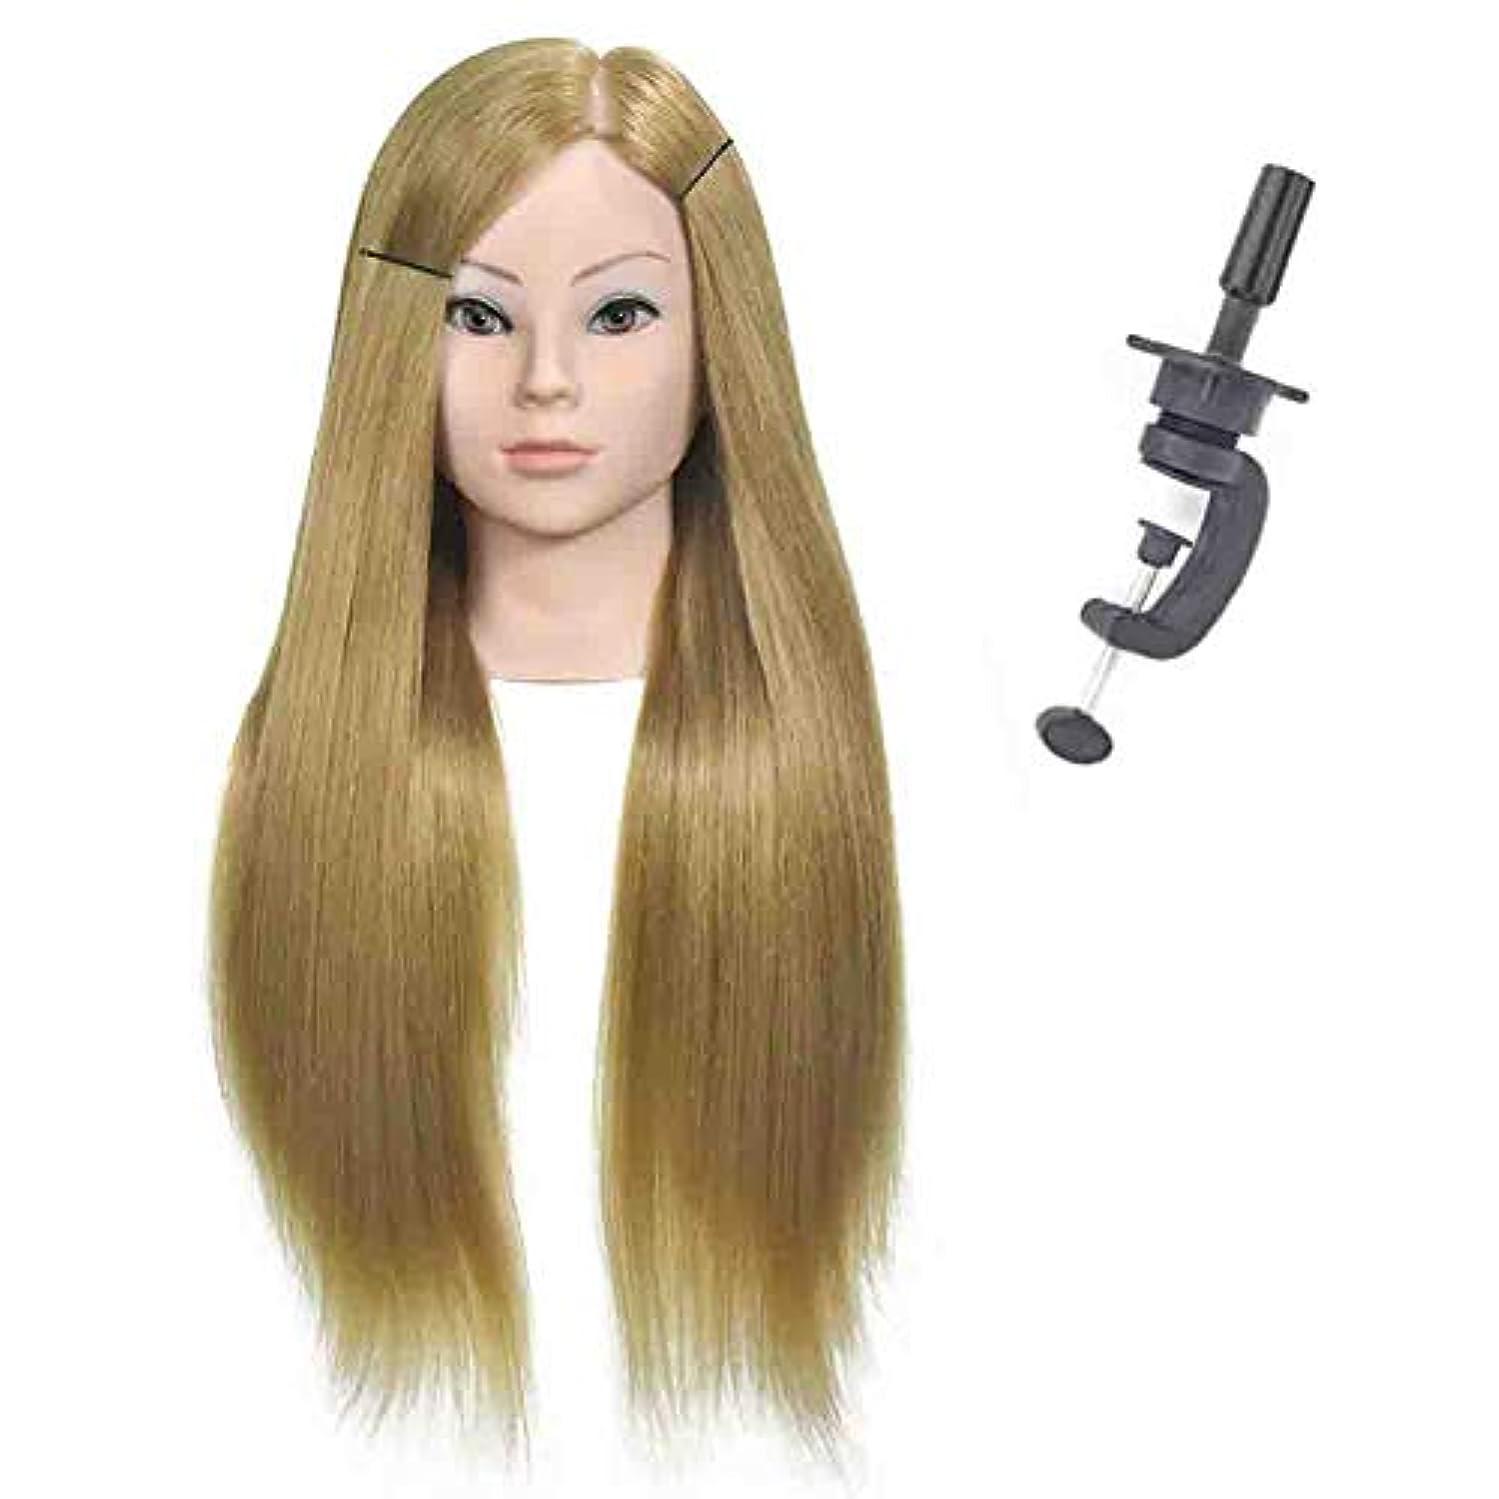 買う賭け番目花嫁メイクモデリング教育ヘッド本物の人物ヘアダミーヘッドモデル理髪店学習パーマ髪染めモデルヘッド